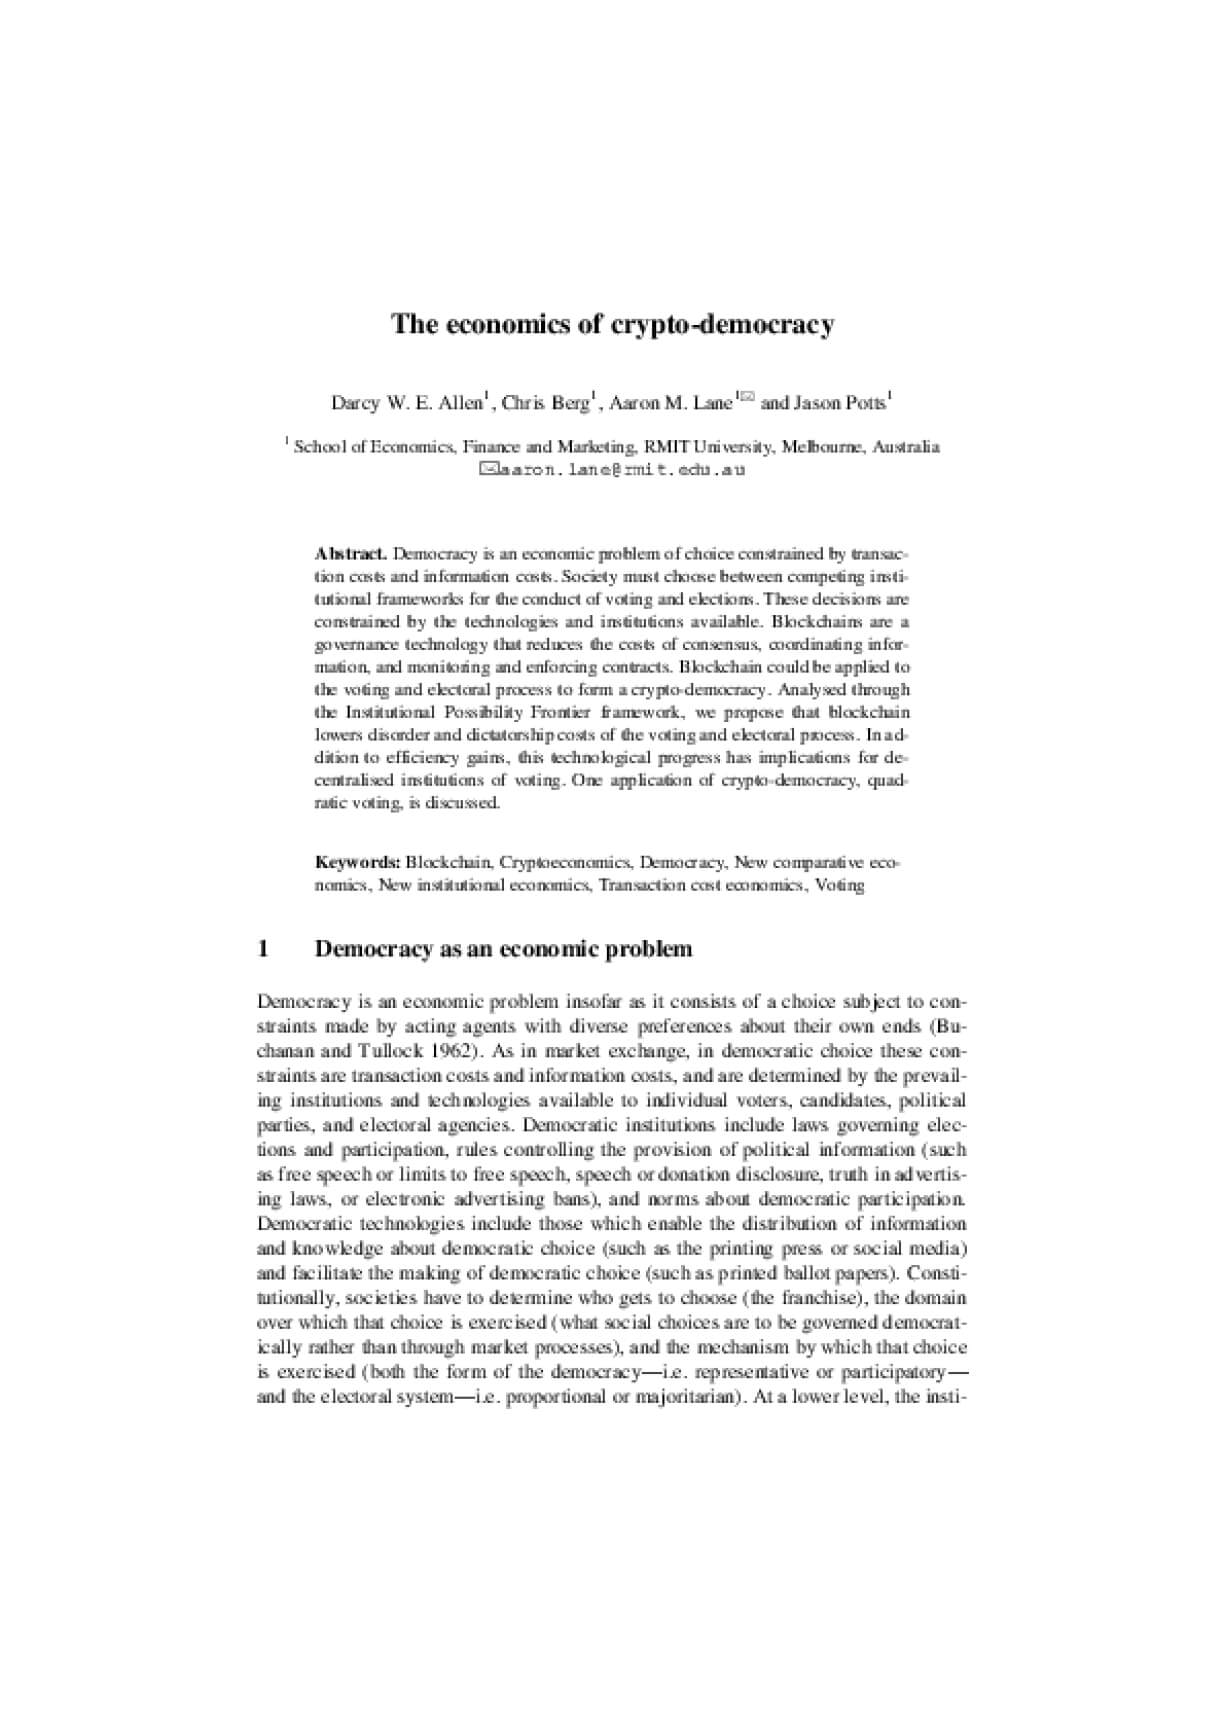 The Economics of Crypto-Democracy